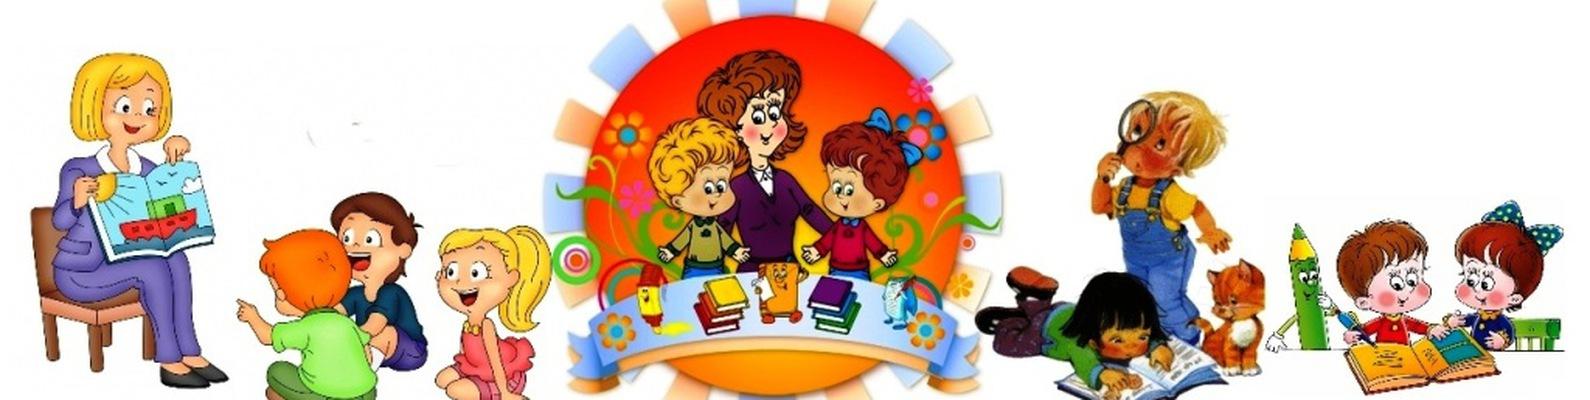 Картинка работа воспитателя с детьми